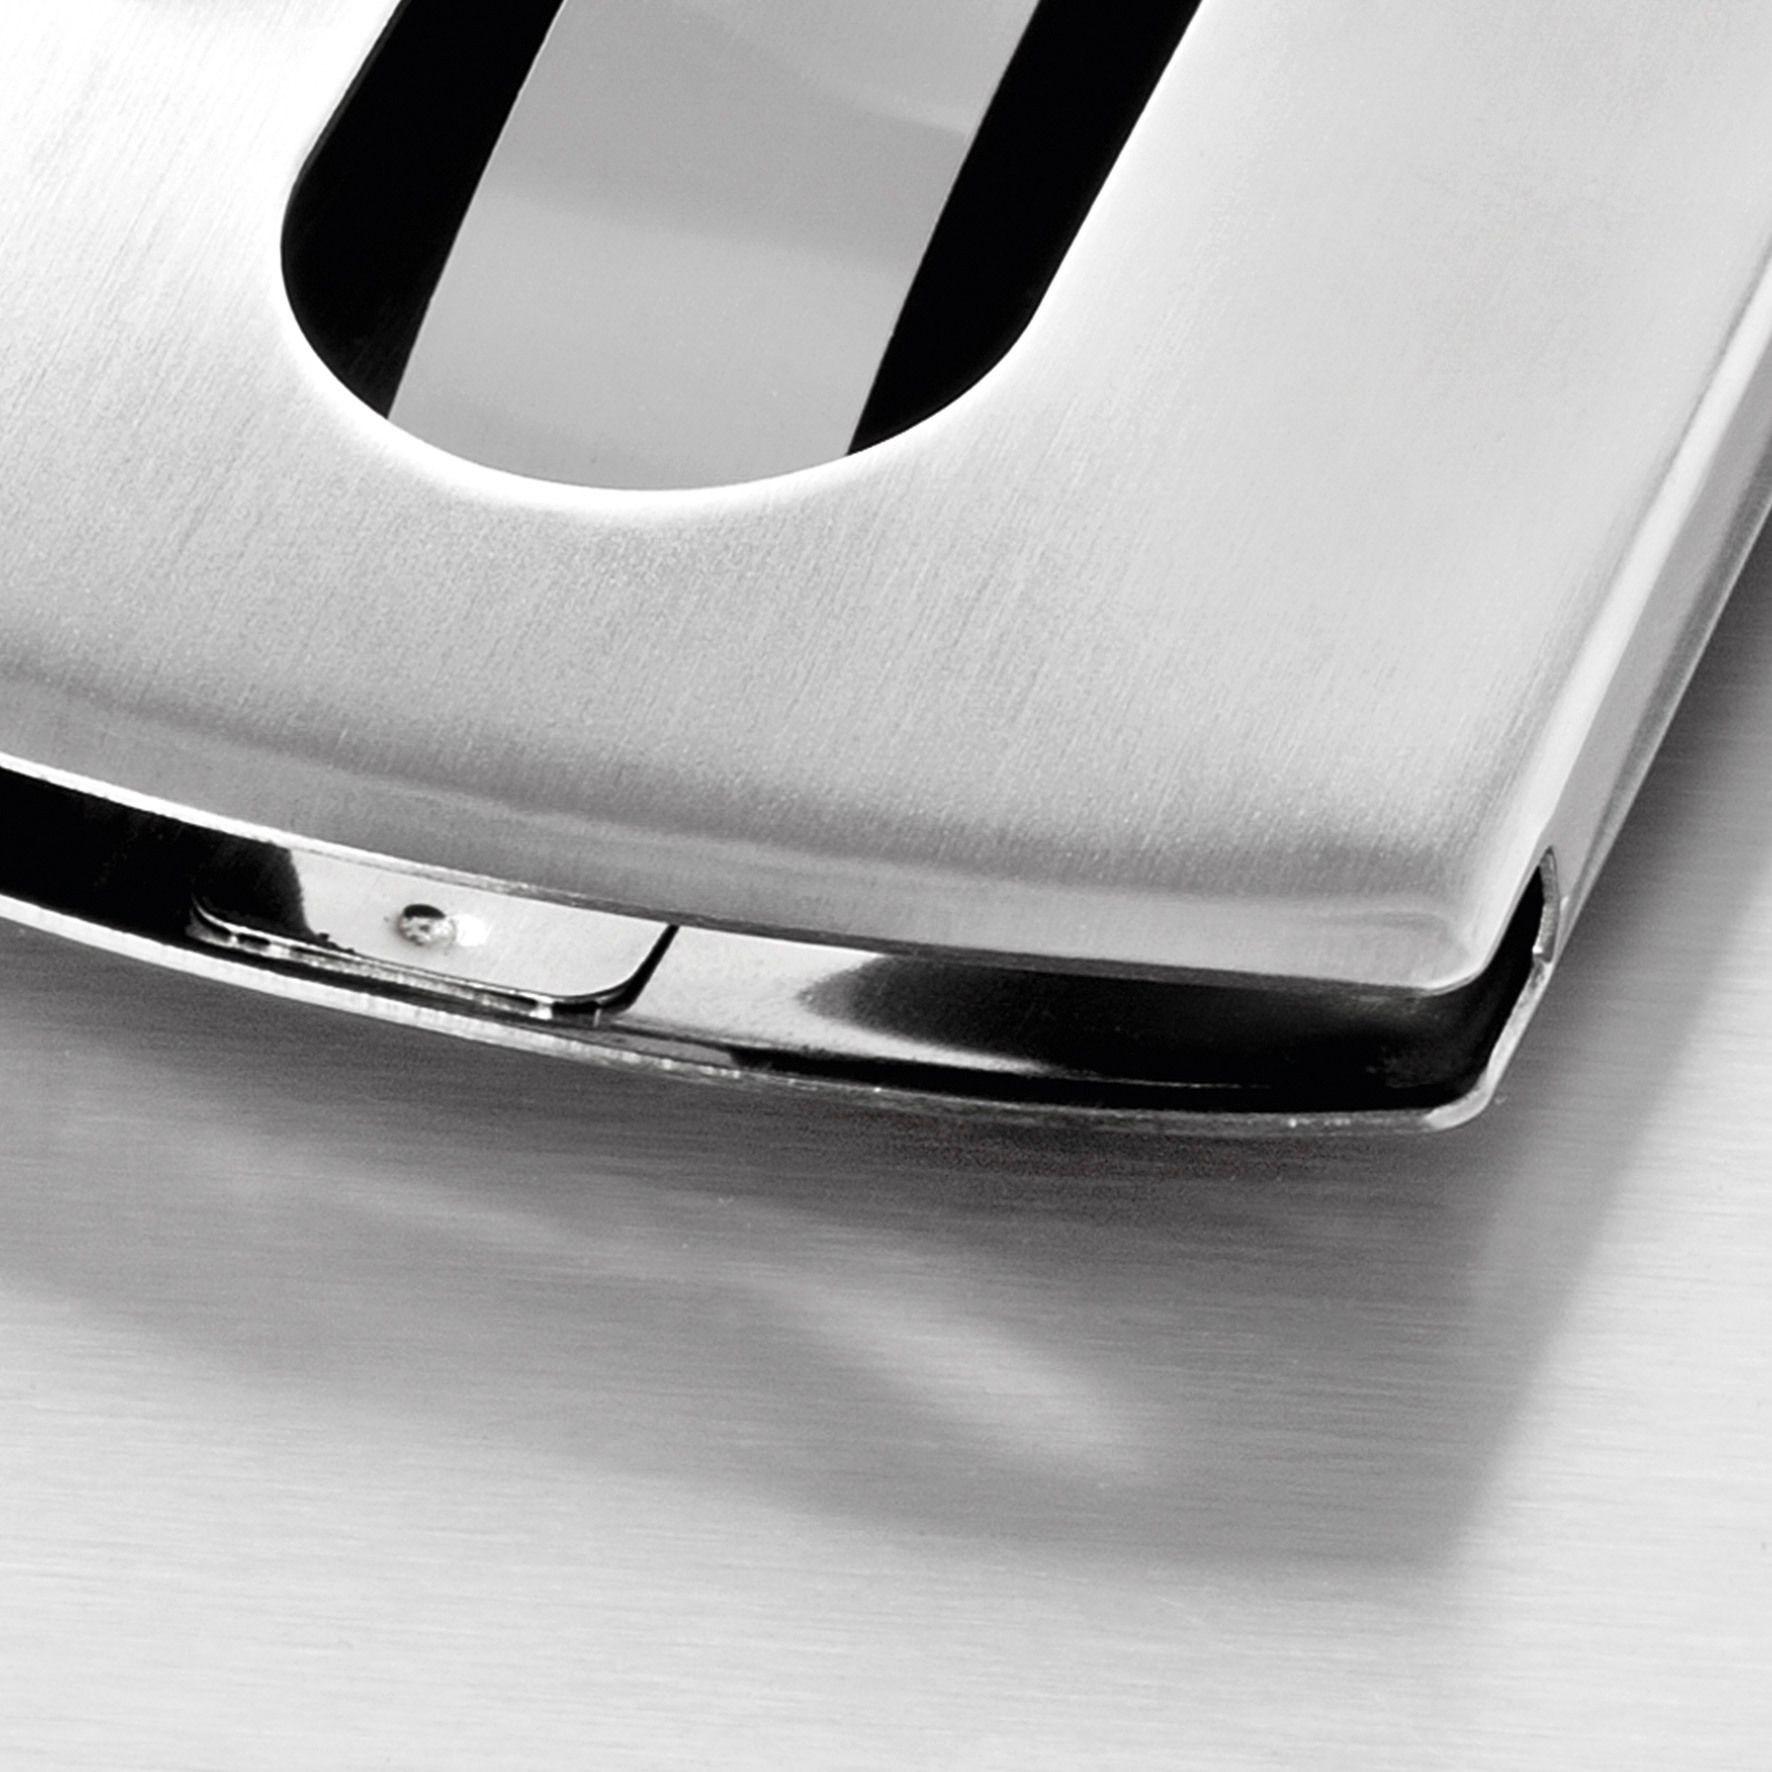 Sigel Visitenkarten Etui Snap Vz120 Edelstahl 12 St Silber